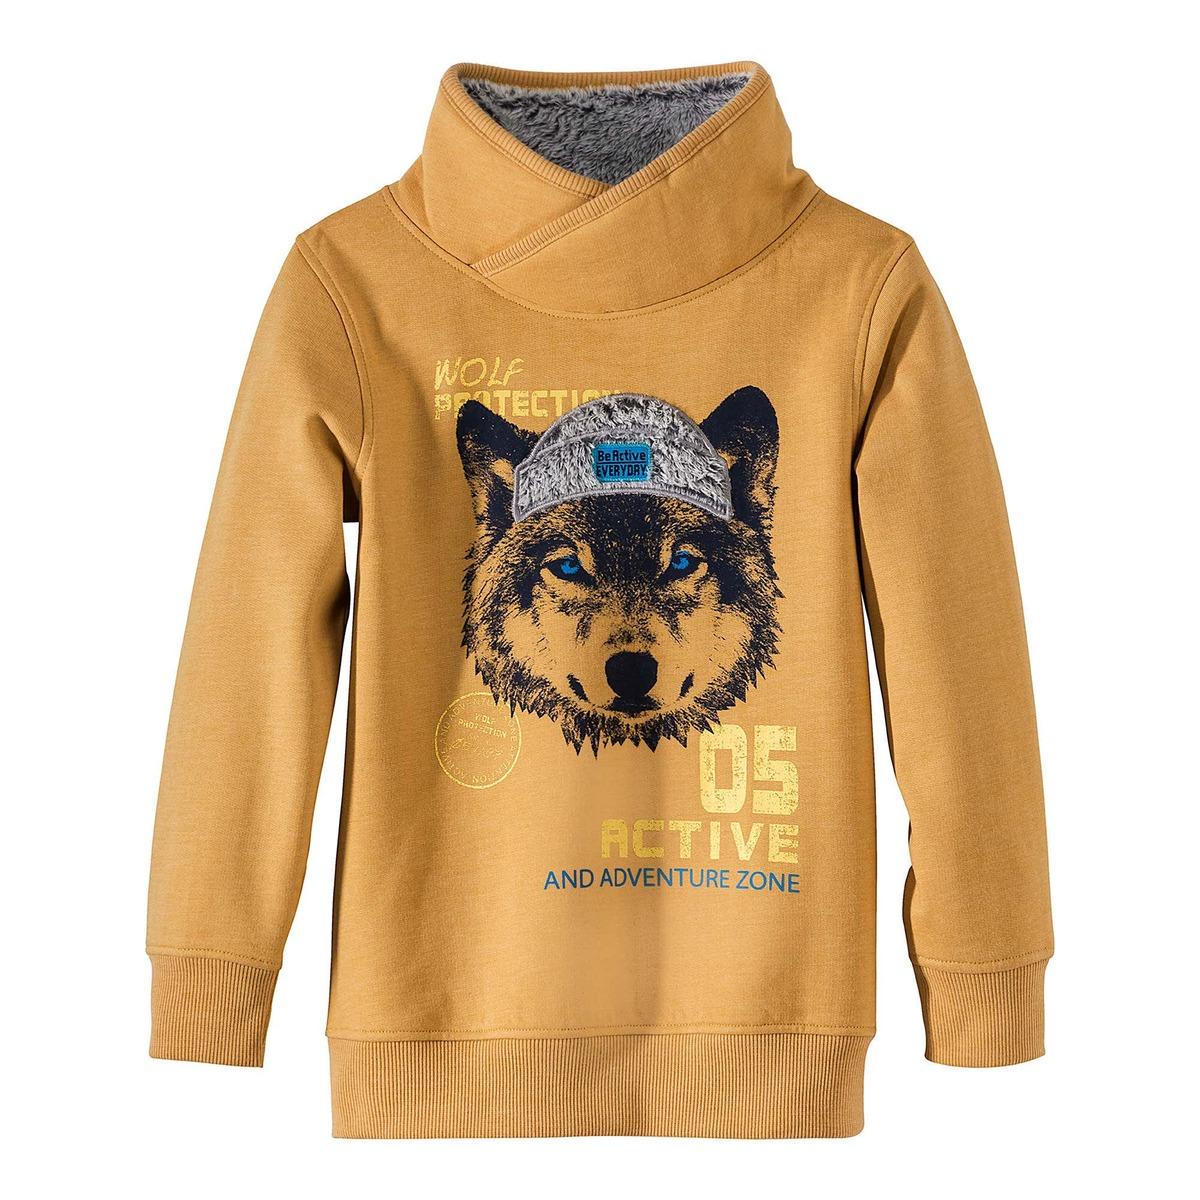 Bild 1 von Kinder-Jungen-Sweatshirt mit coolem Wolf-Print